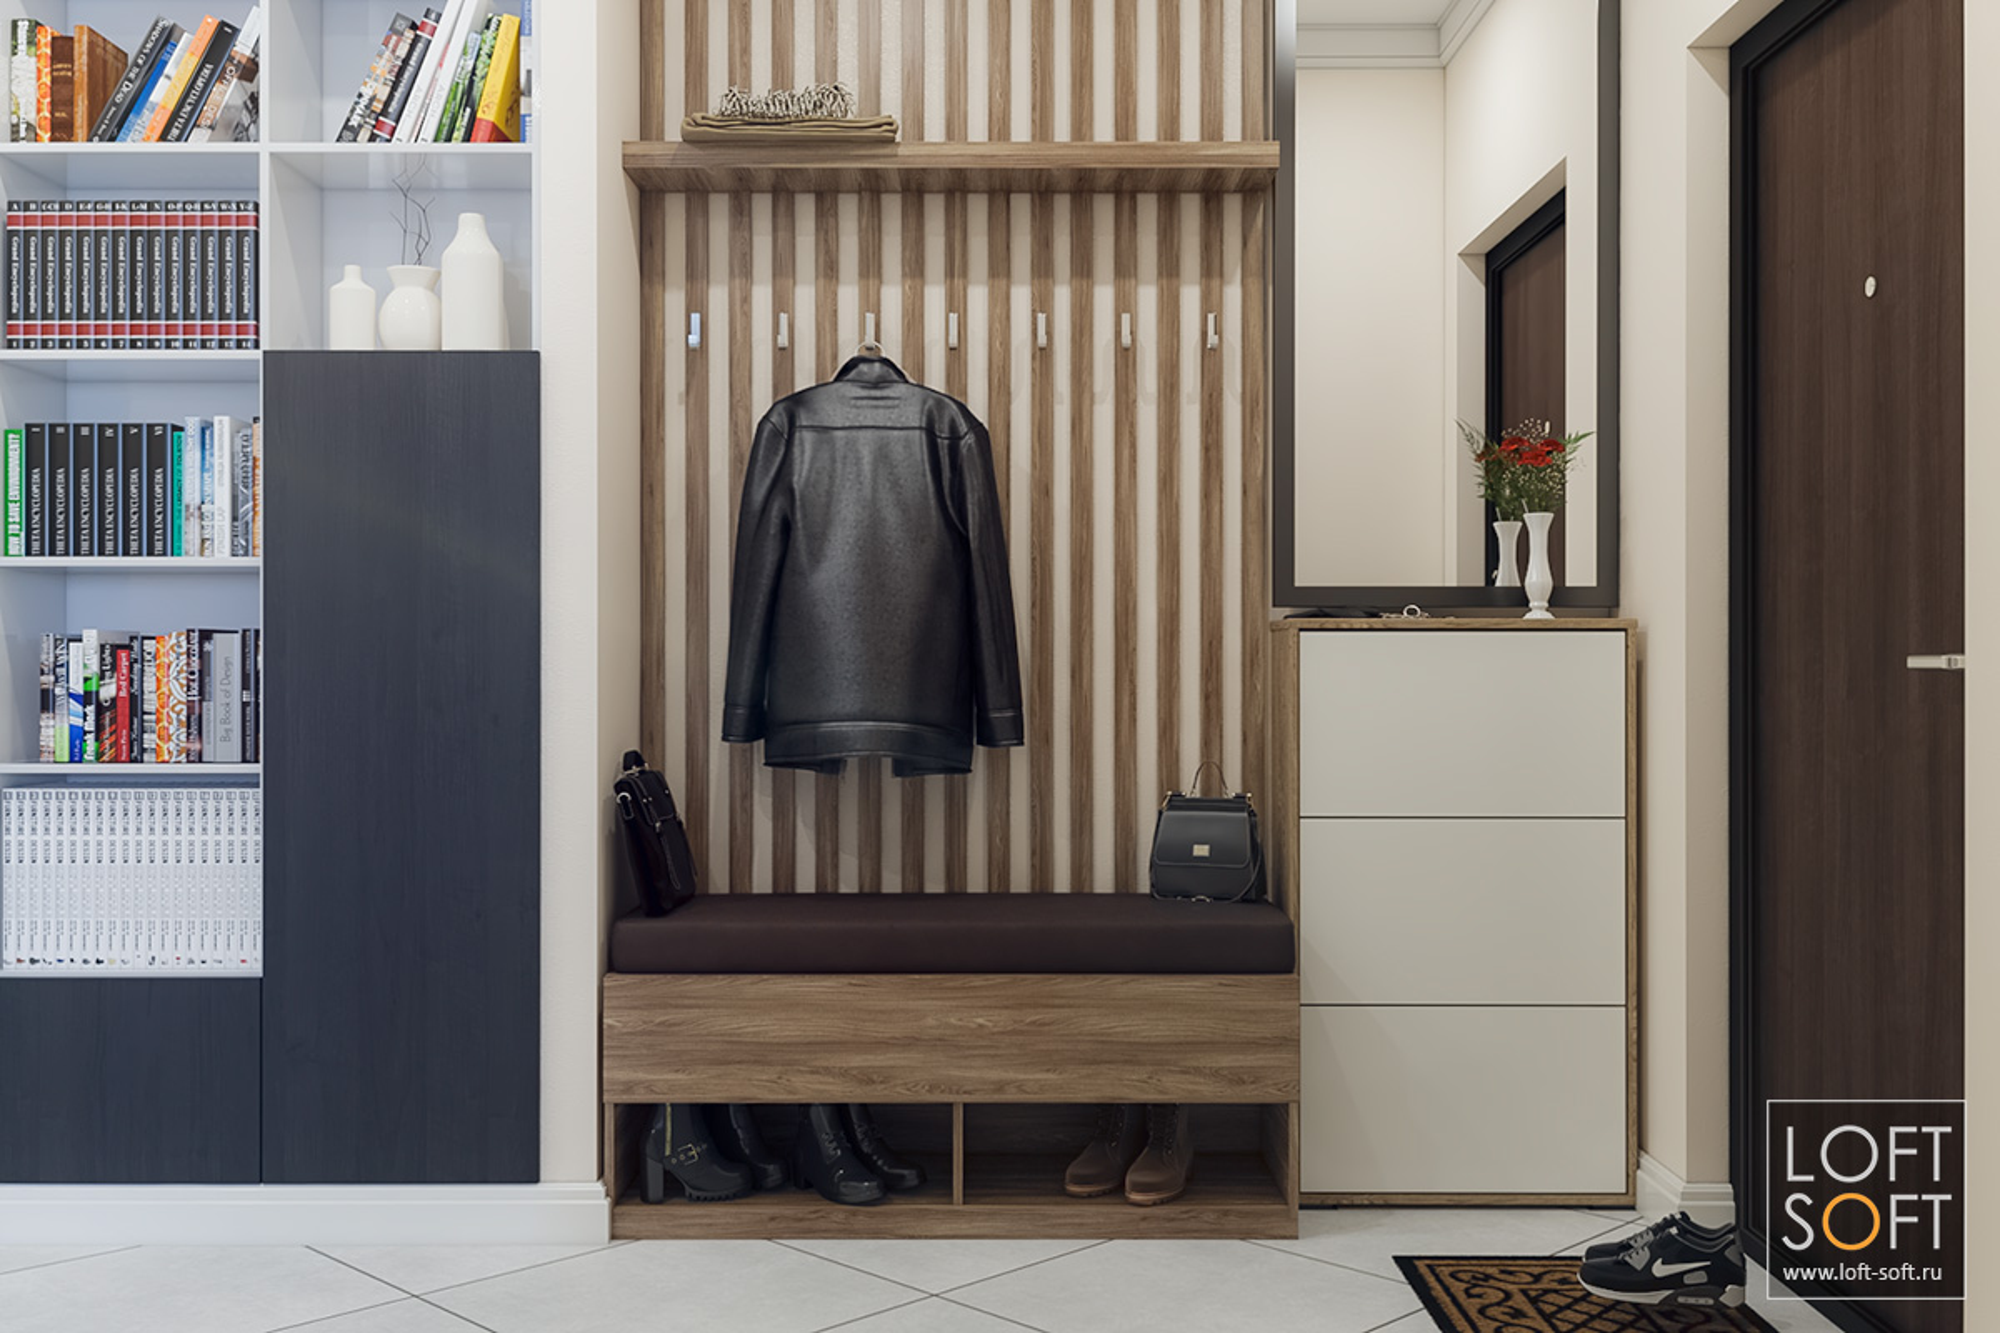 современный интерьер, прихожая всовременном стиле, отделка стен баффелями, loft soft